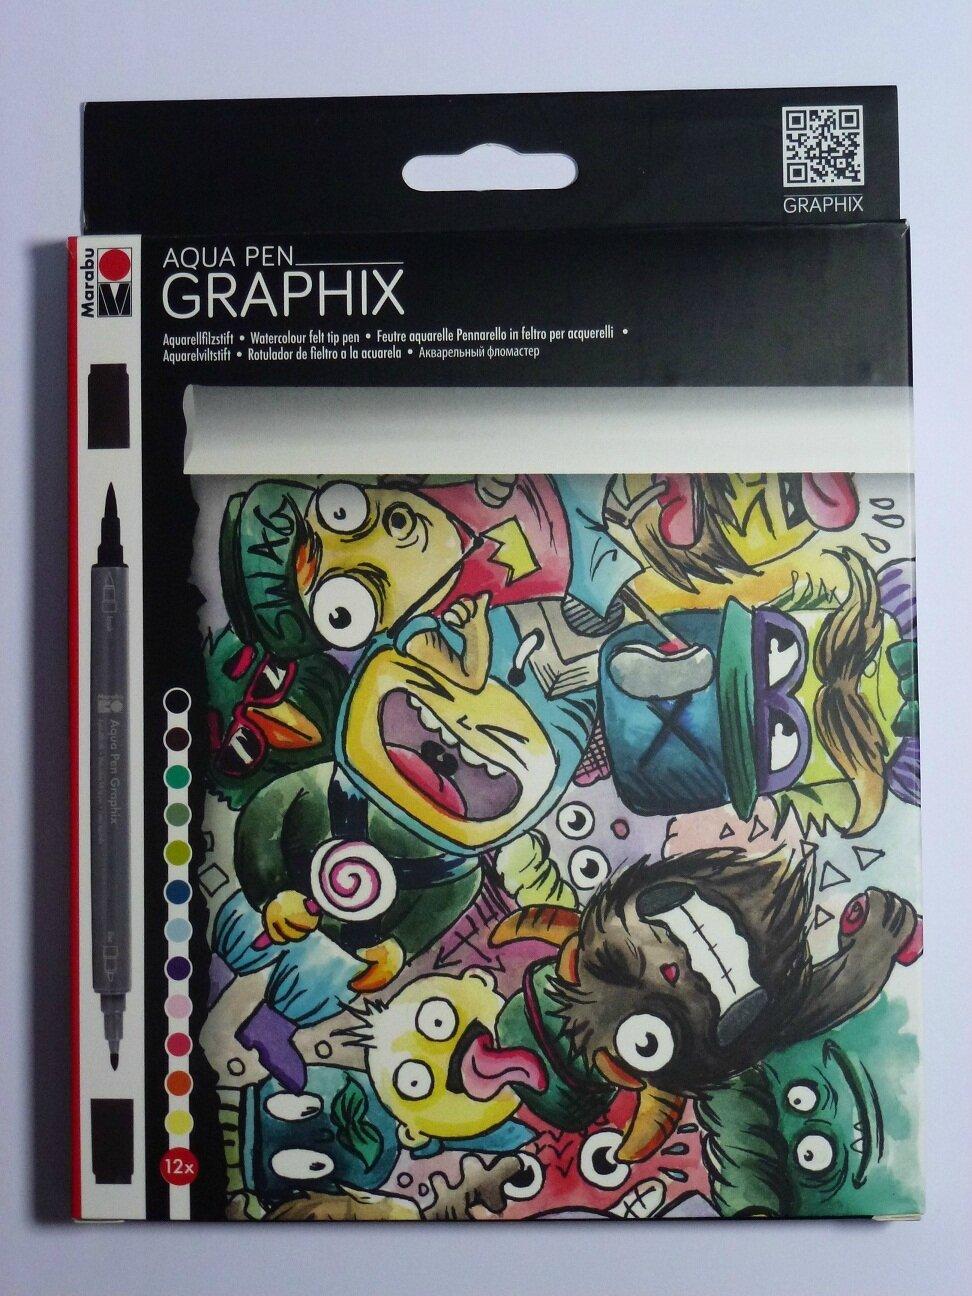 01-20170214 - Aqua Pen Graphix